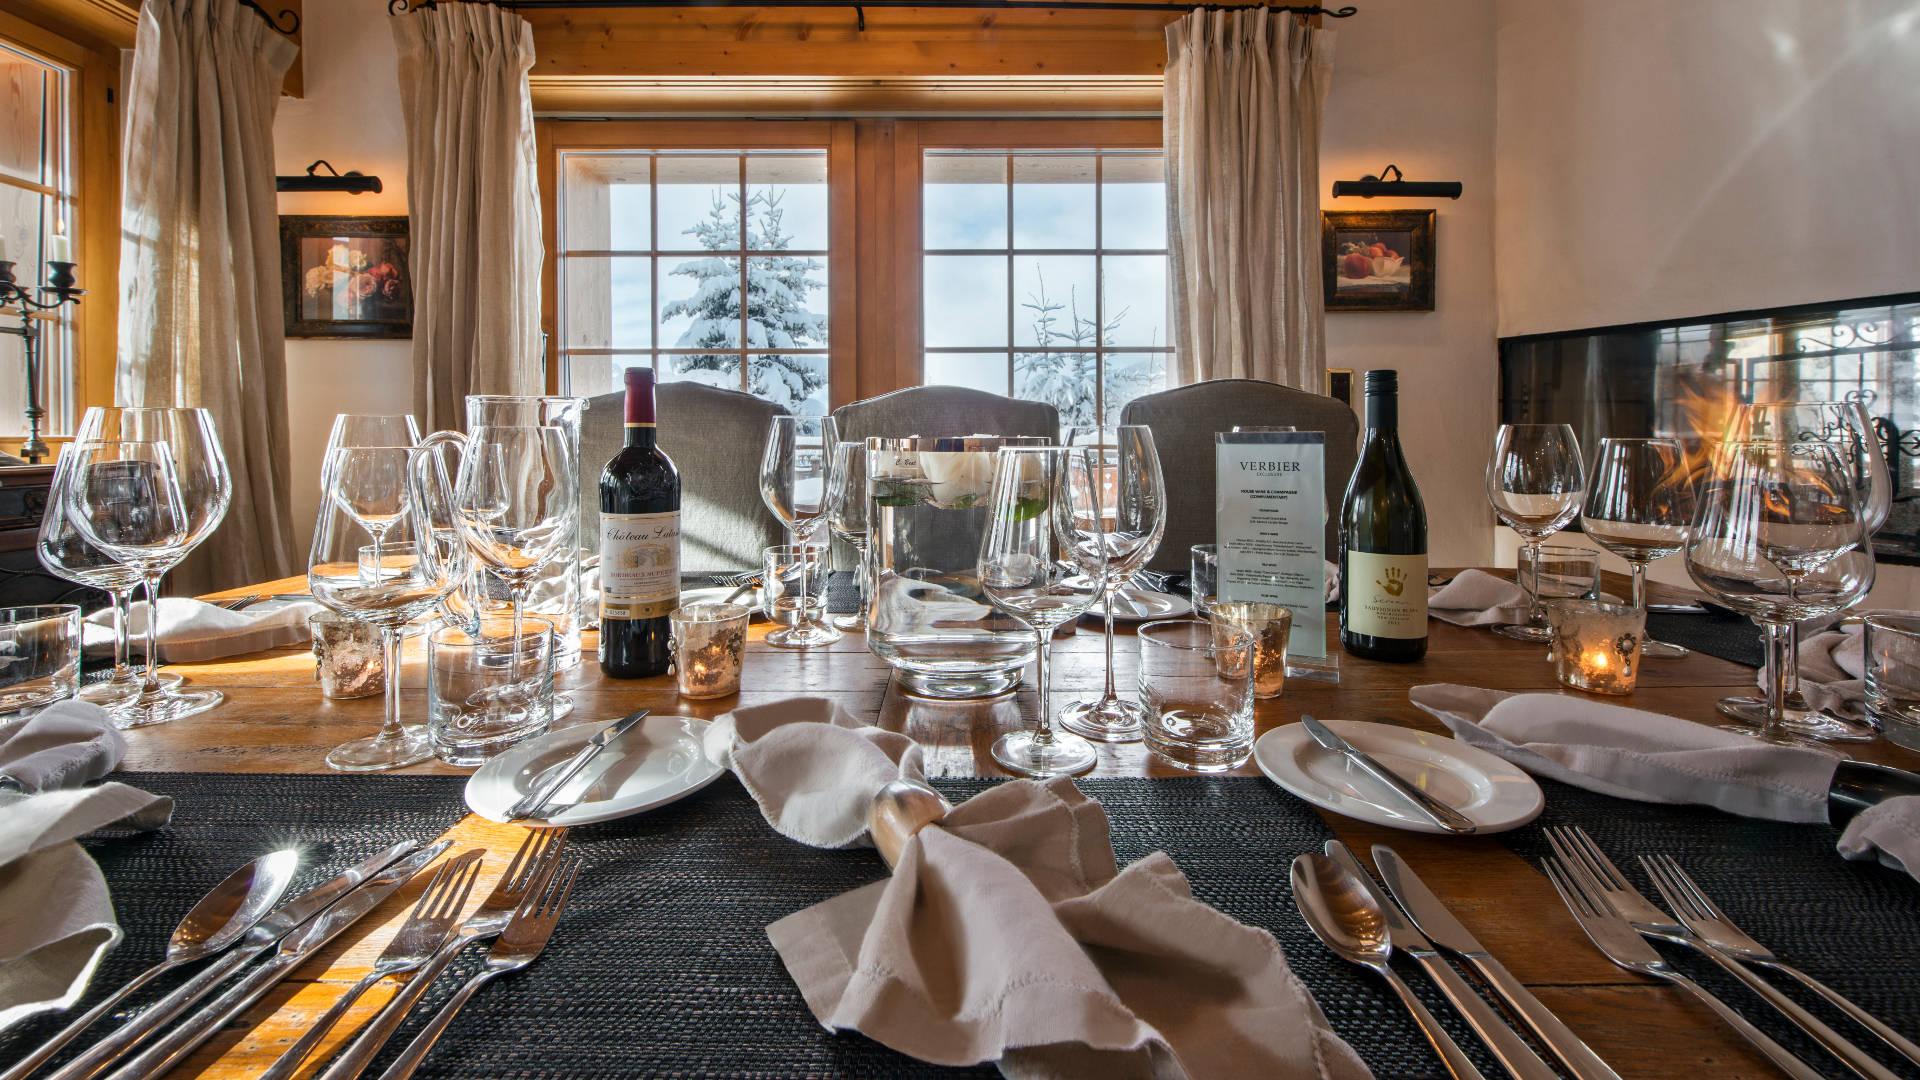 les_attelas_-_dining_room_1